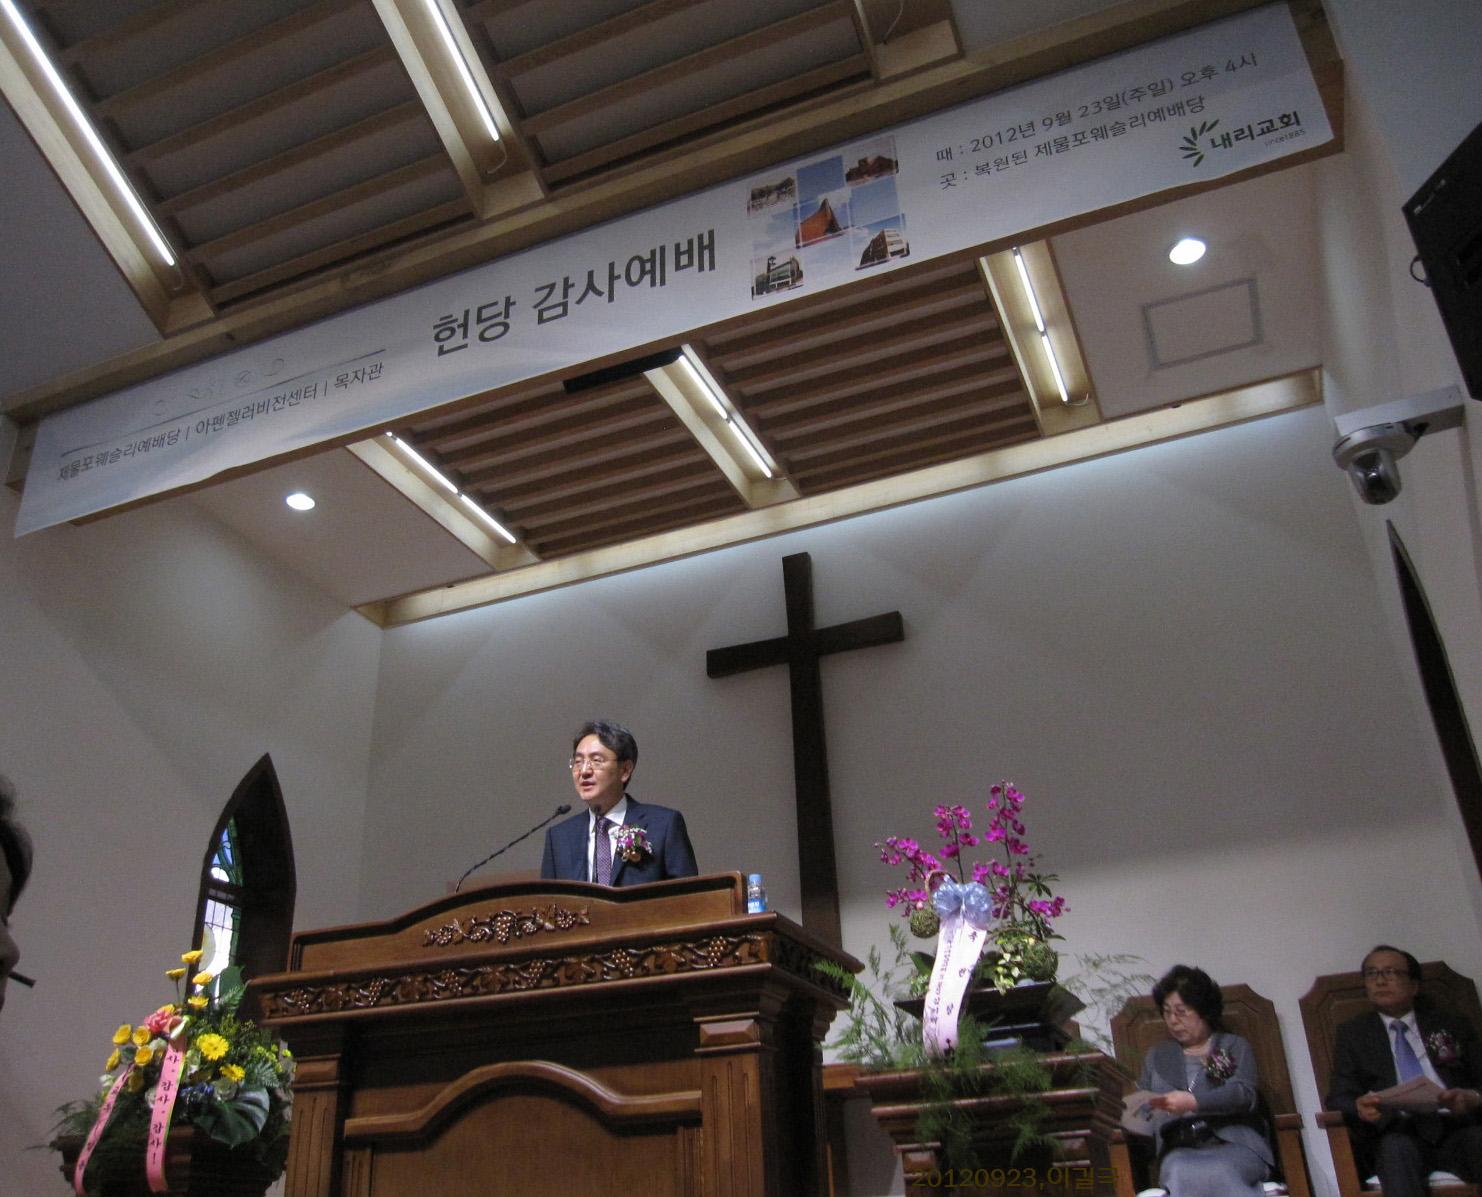 김흥규 목사의 헌당식 환영사와 집례 시작